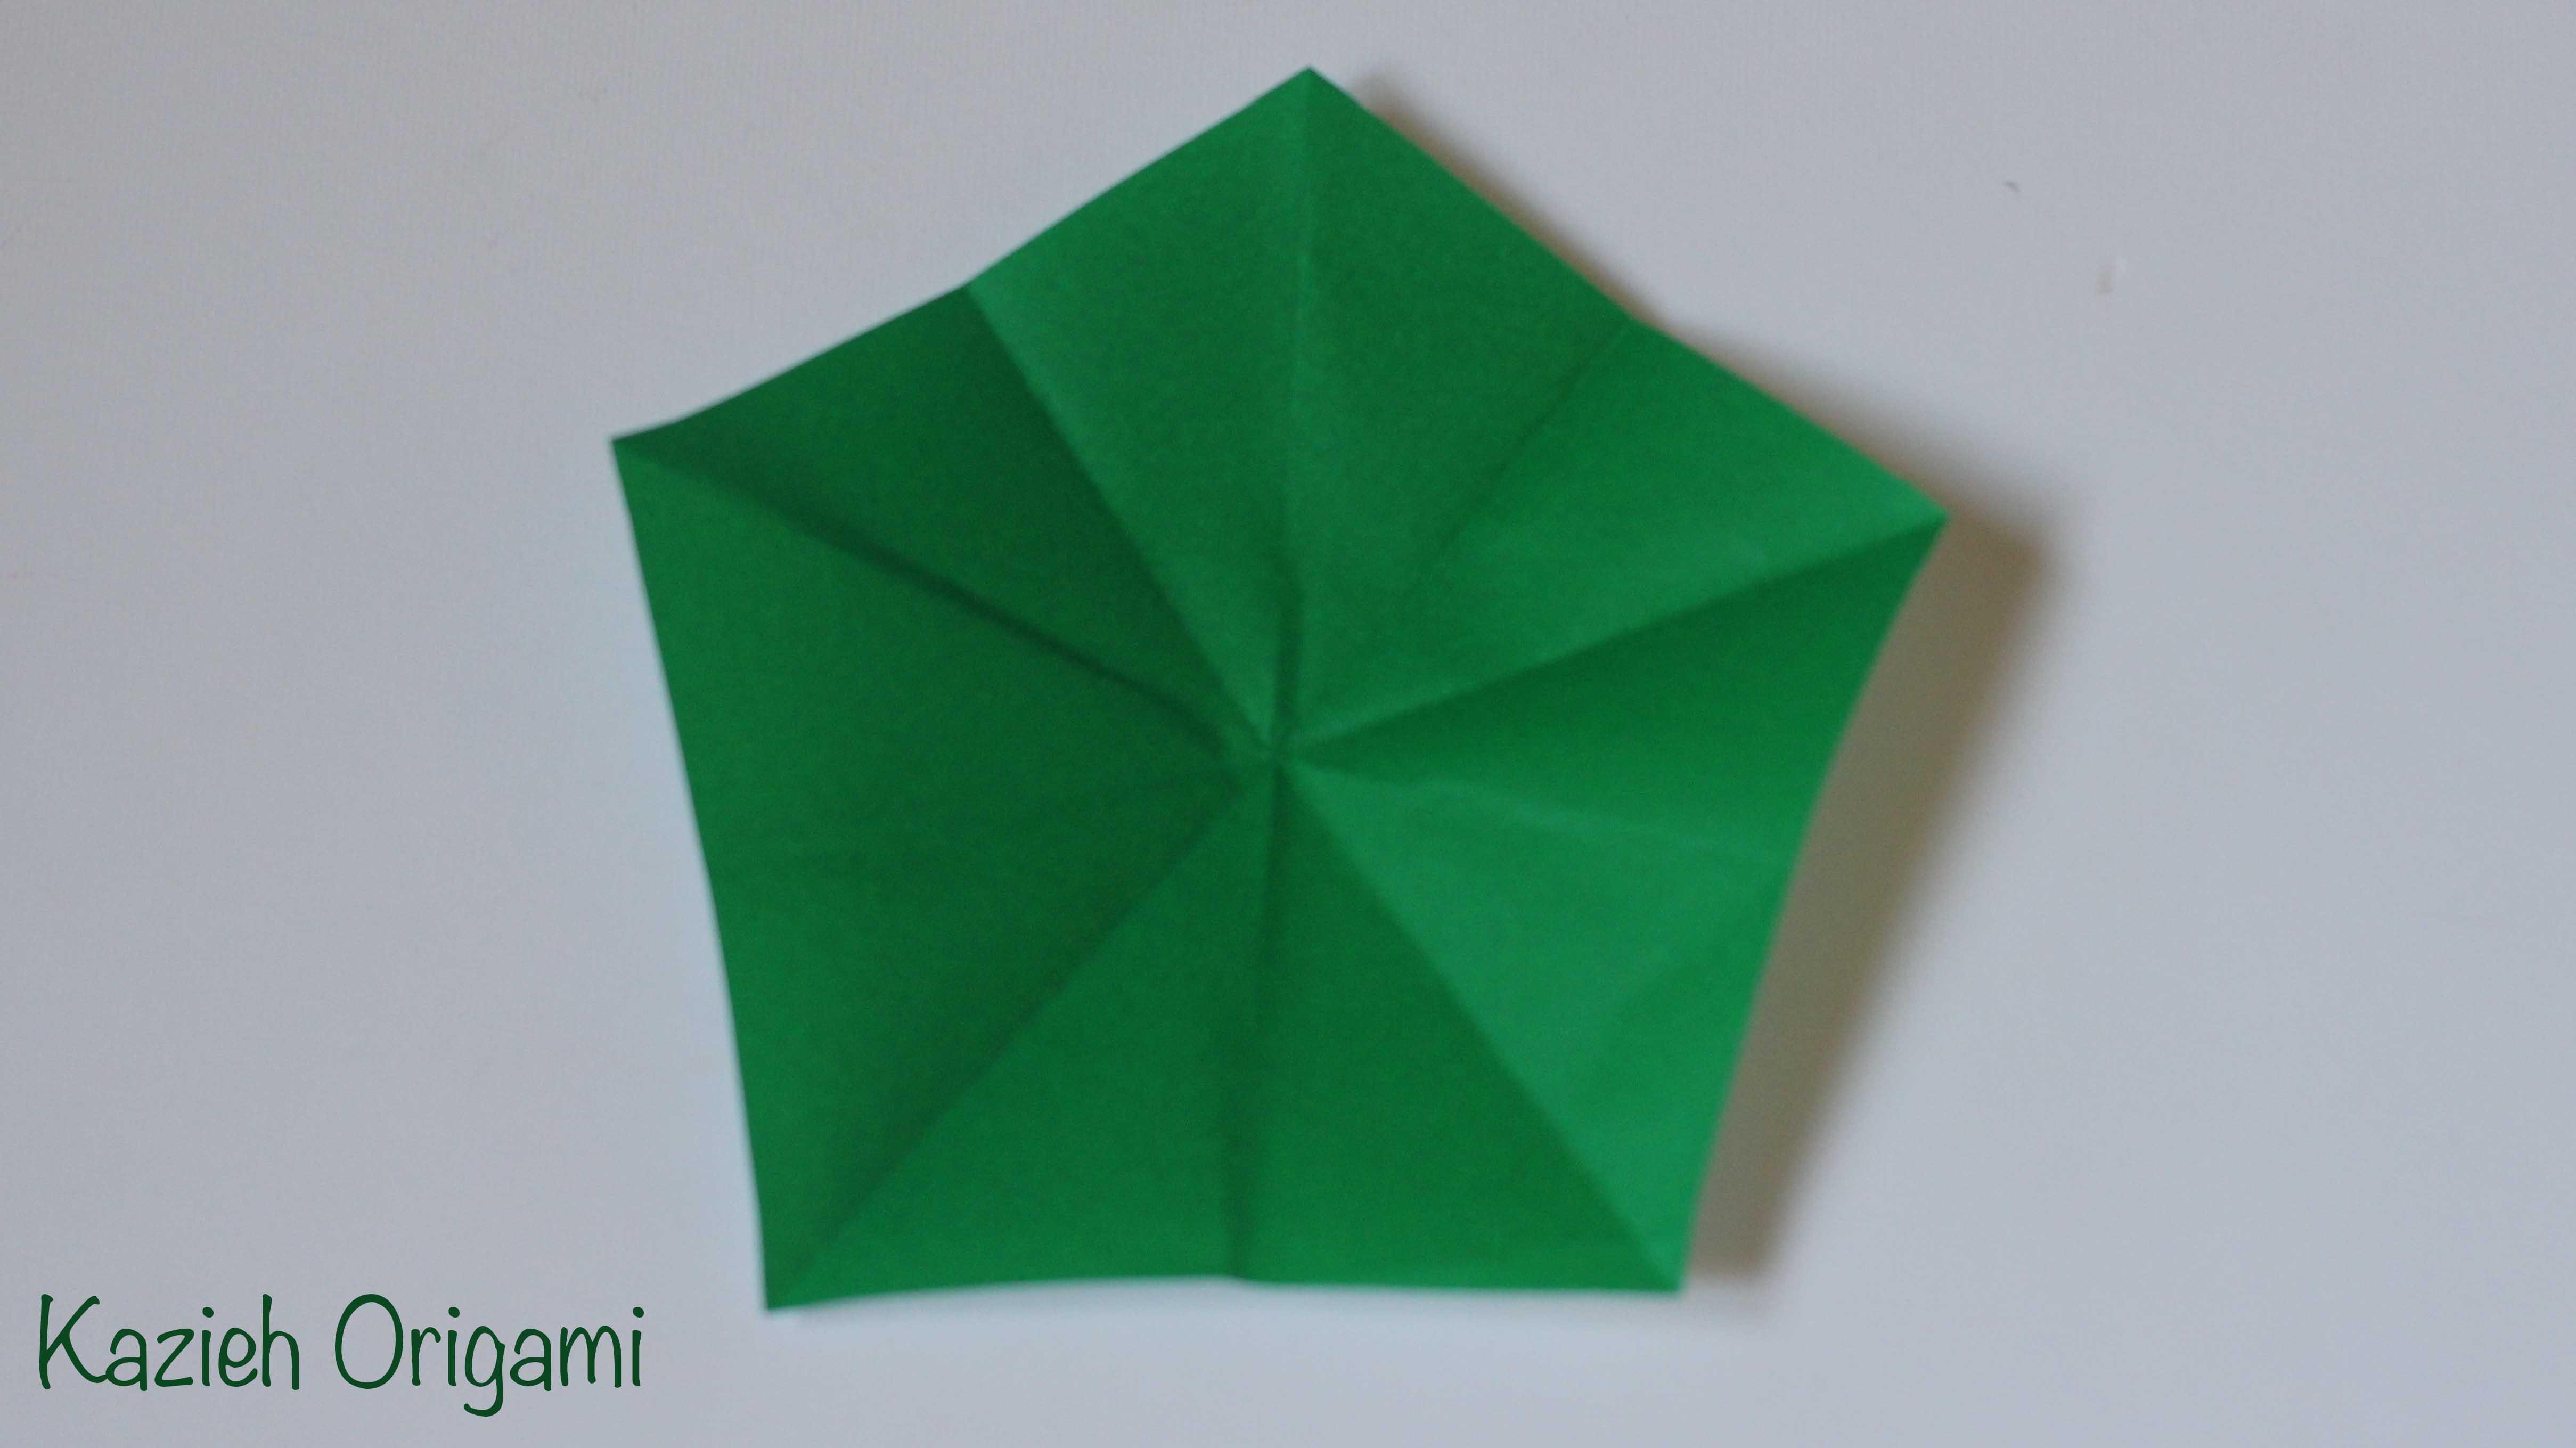 ساخت پنج ضلعی - کازیه